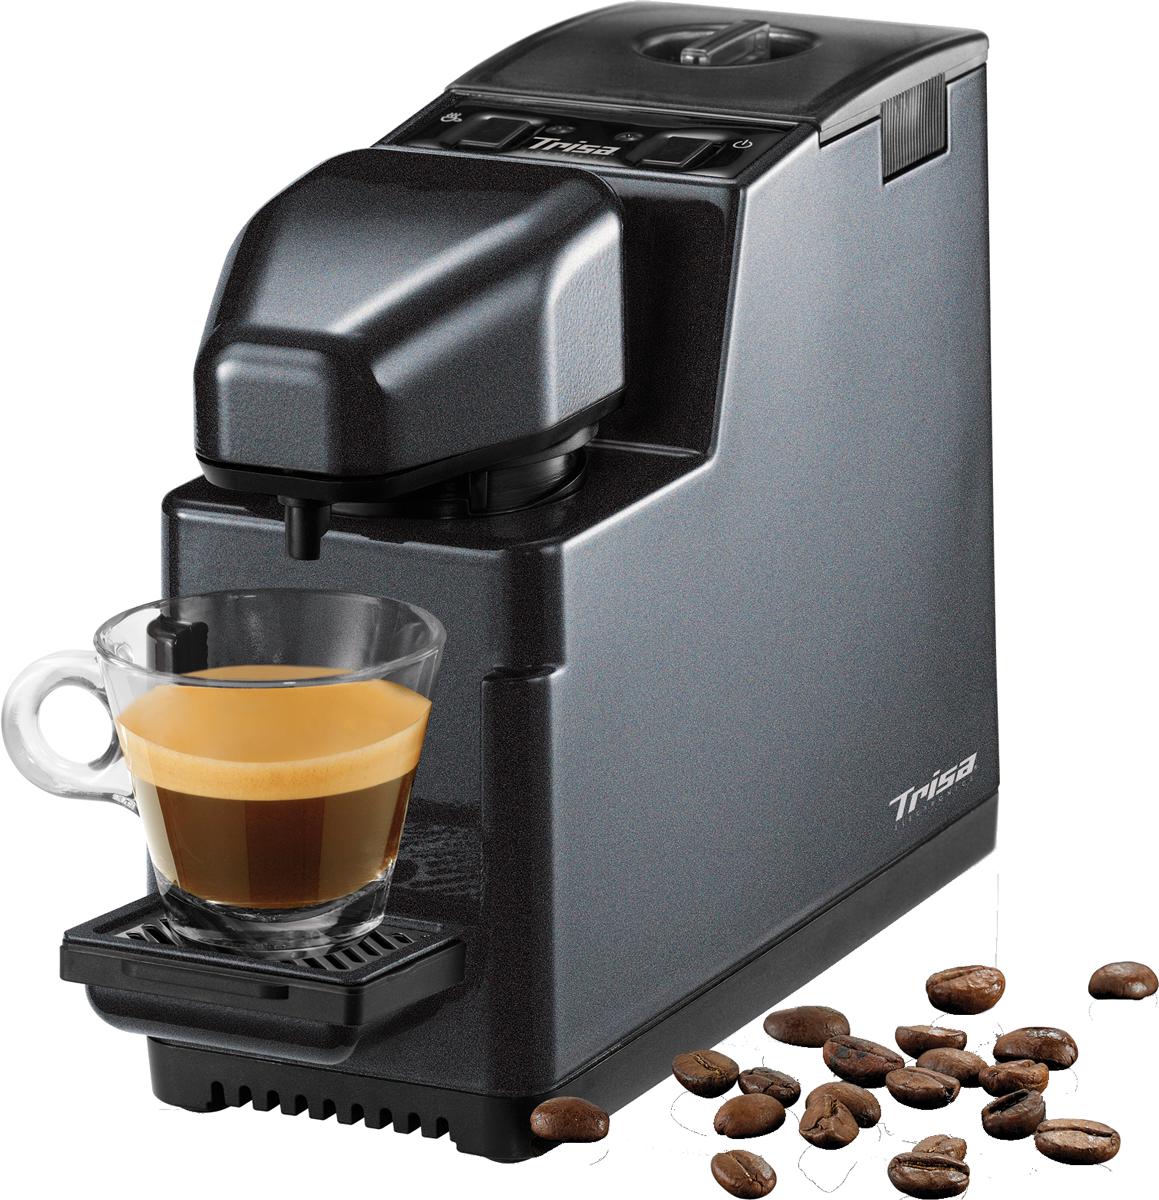 trisa coffee to go anthrazit g nstig kaufen sonstige kaffee vollautomaten media markt. Black Bedroom Furniture Sets. Home Design Ideas